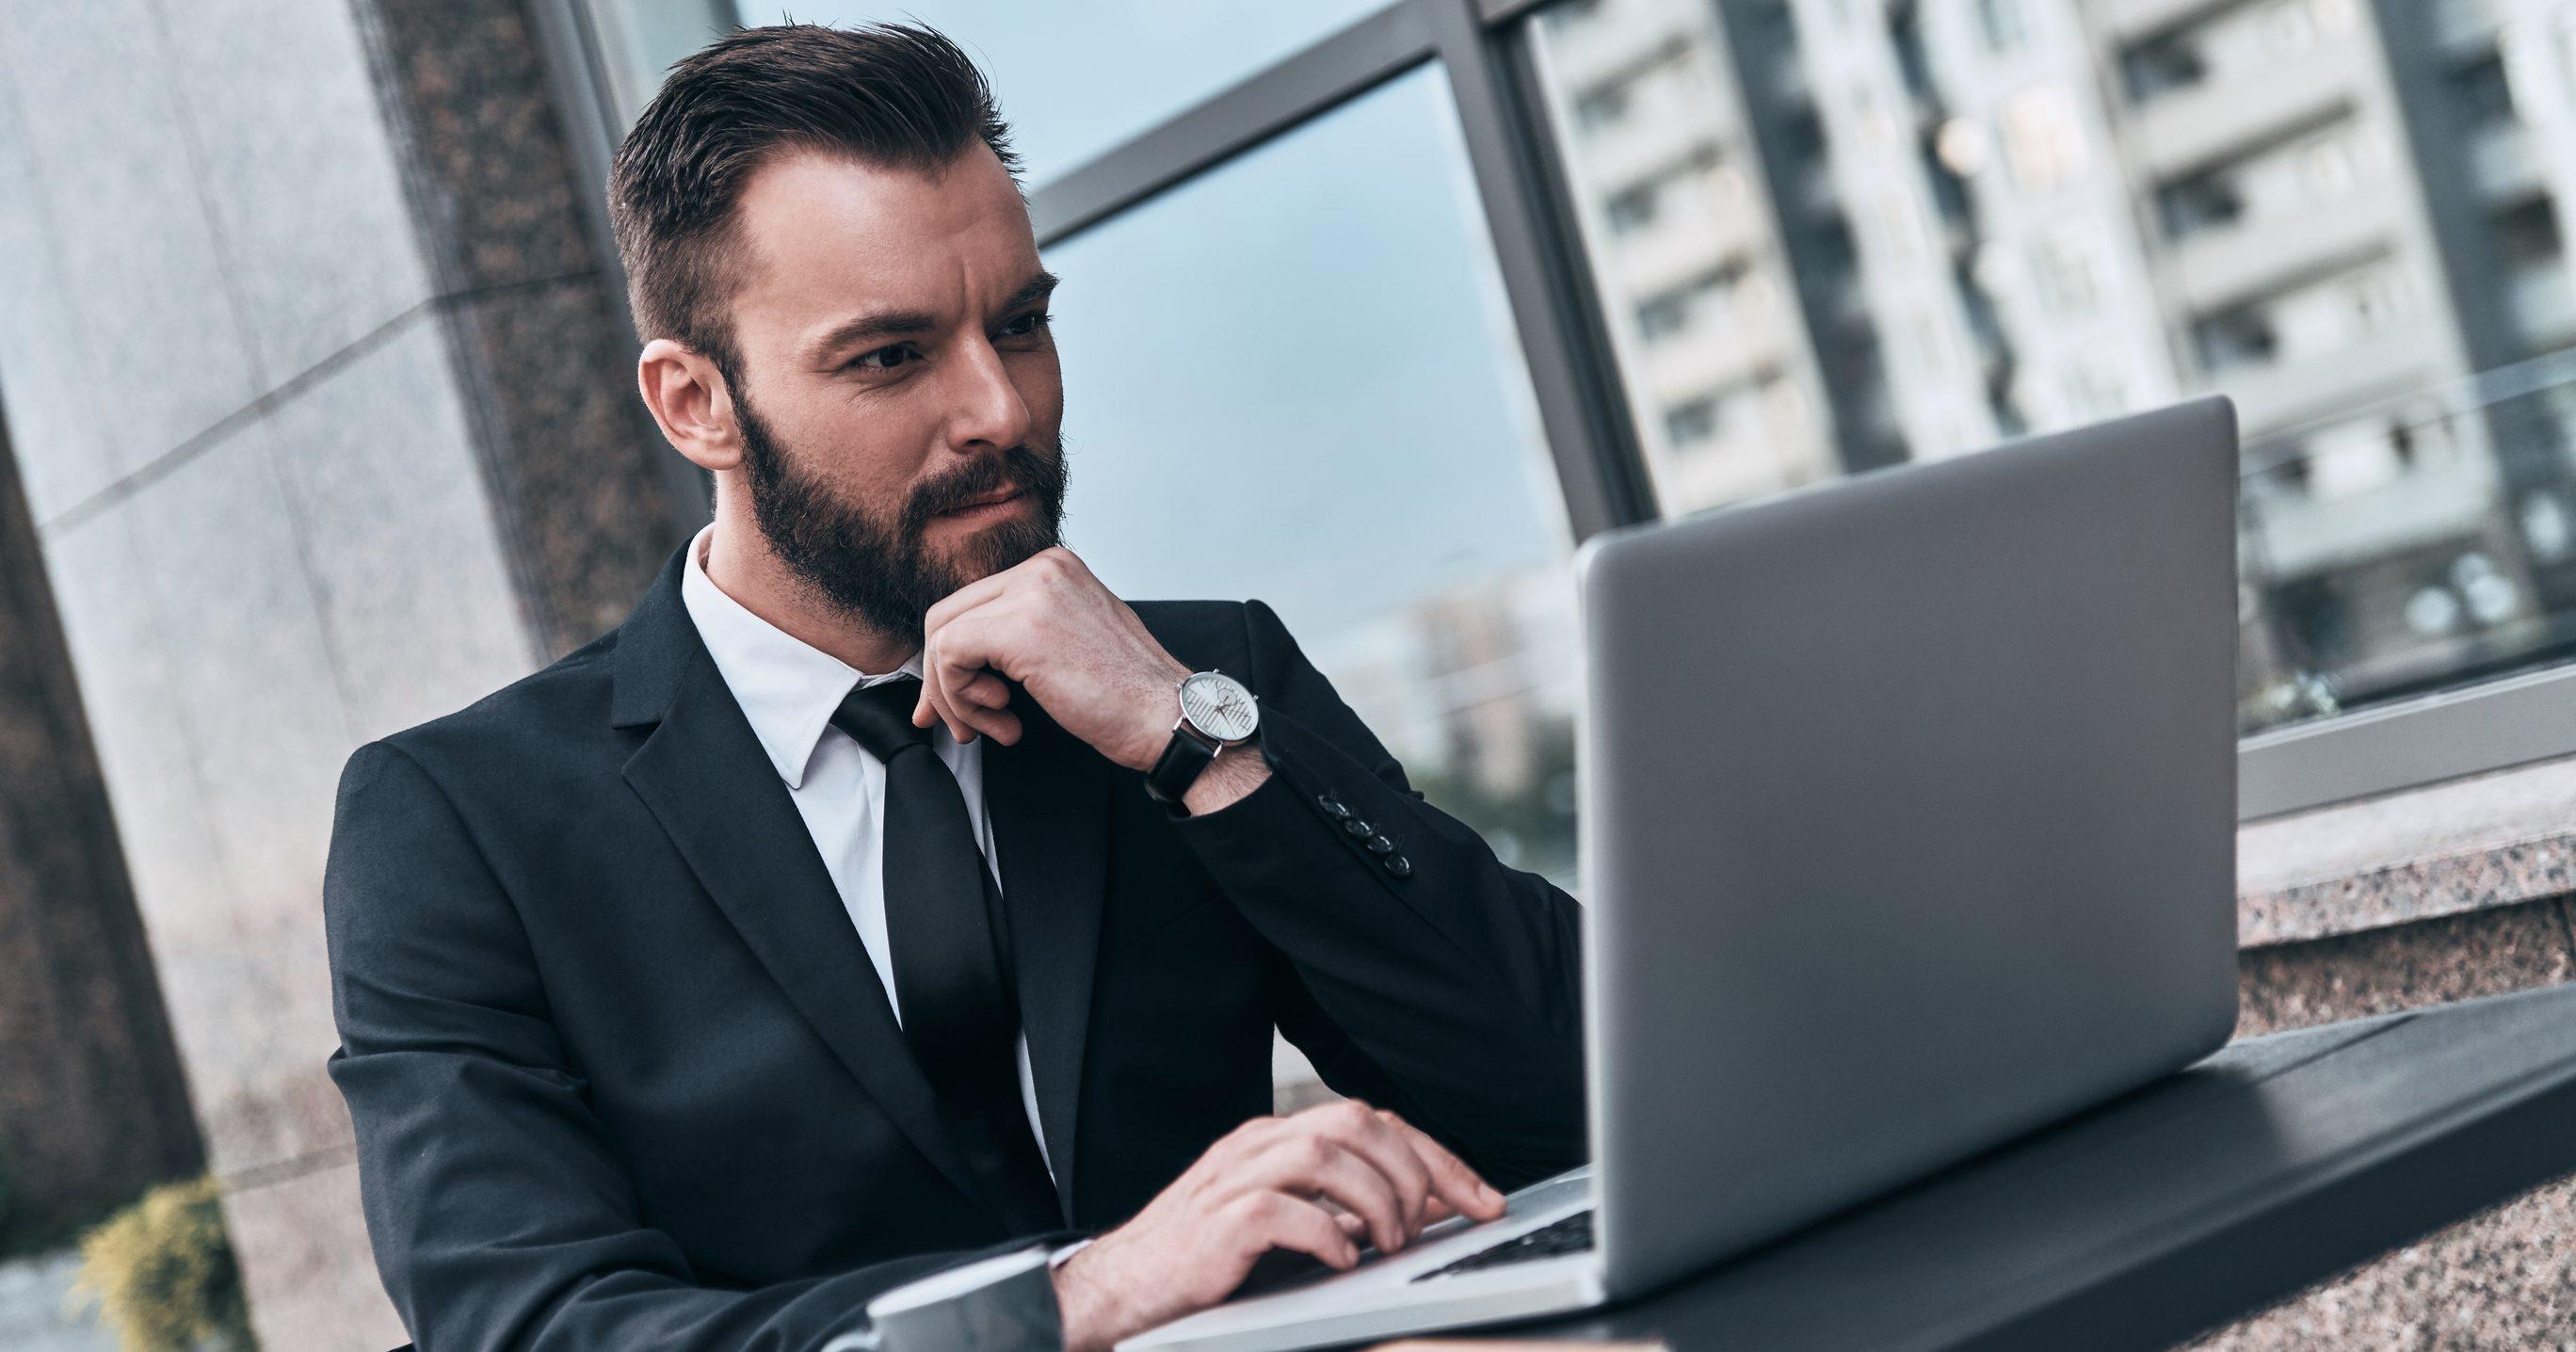 Чоловік з ноутбуком. Концентрація